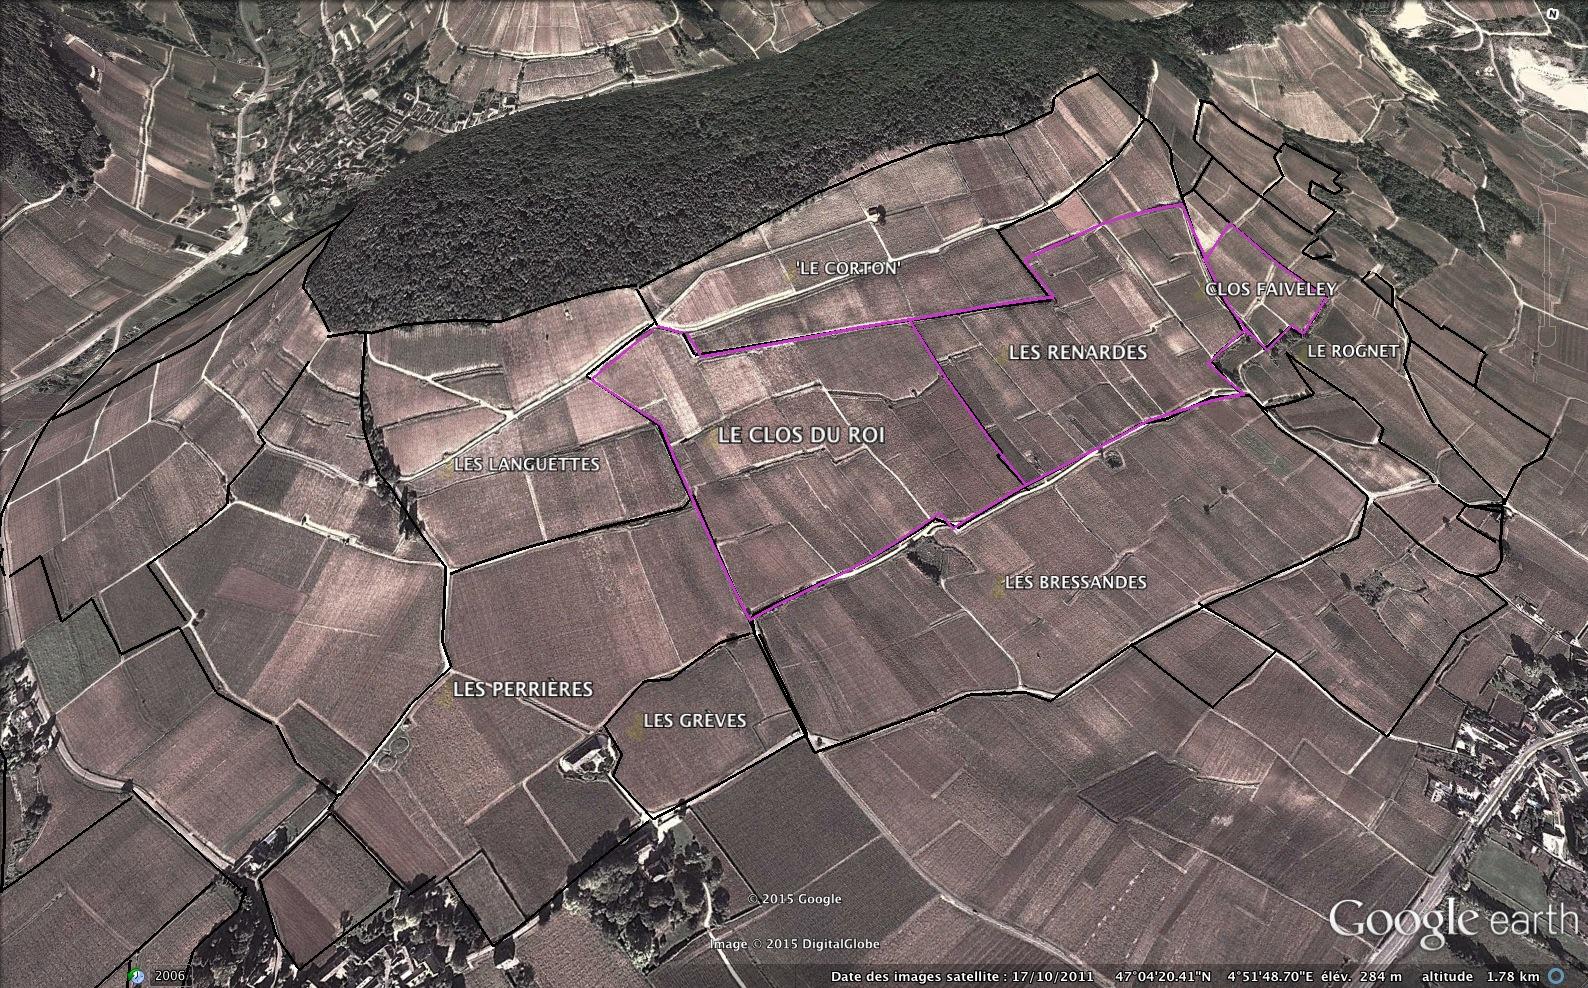 Corton-roi-renardes-faiveley